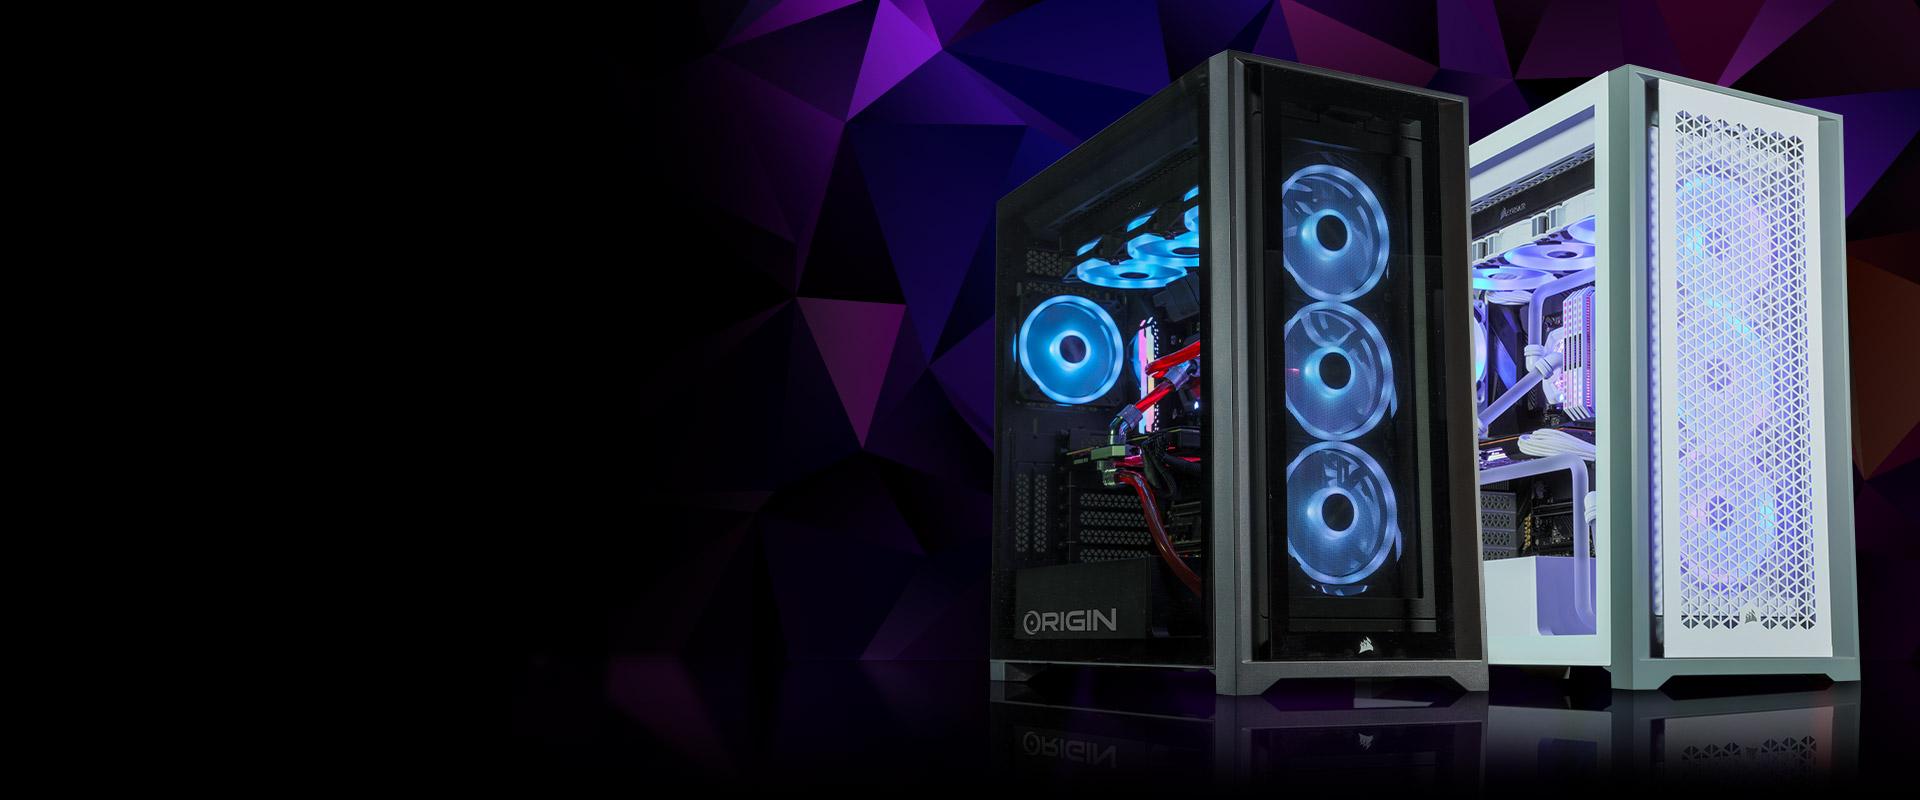 New 5000D Case